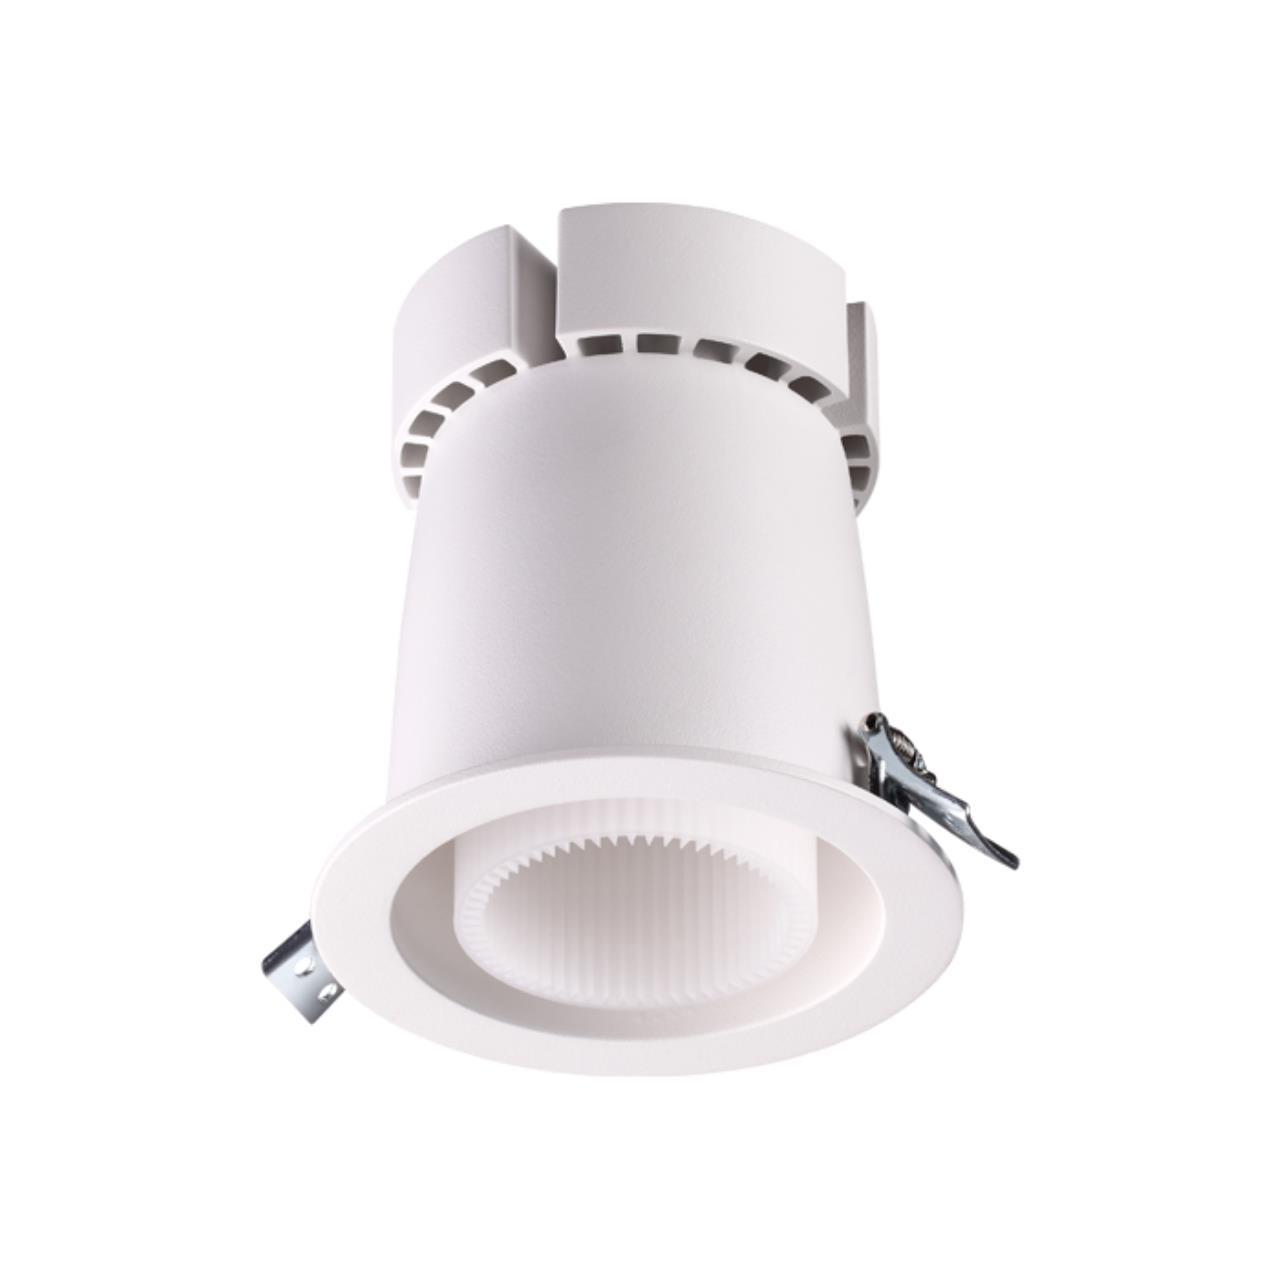 358200 SPOT NT19 092 белый Встраиваемый светильник IP20 LED 4000K 20W 220В VARPAS